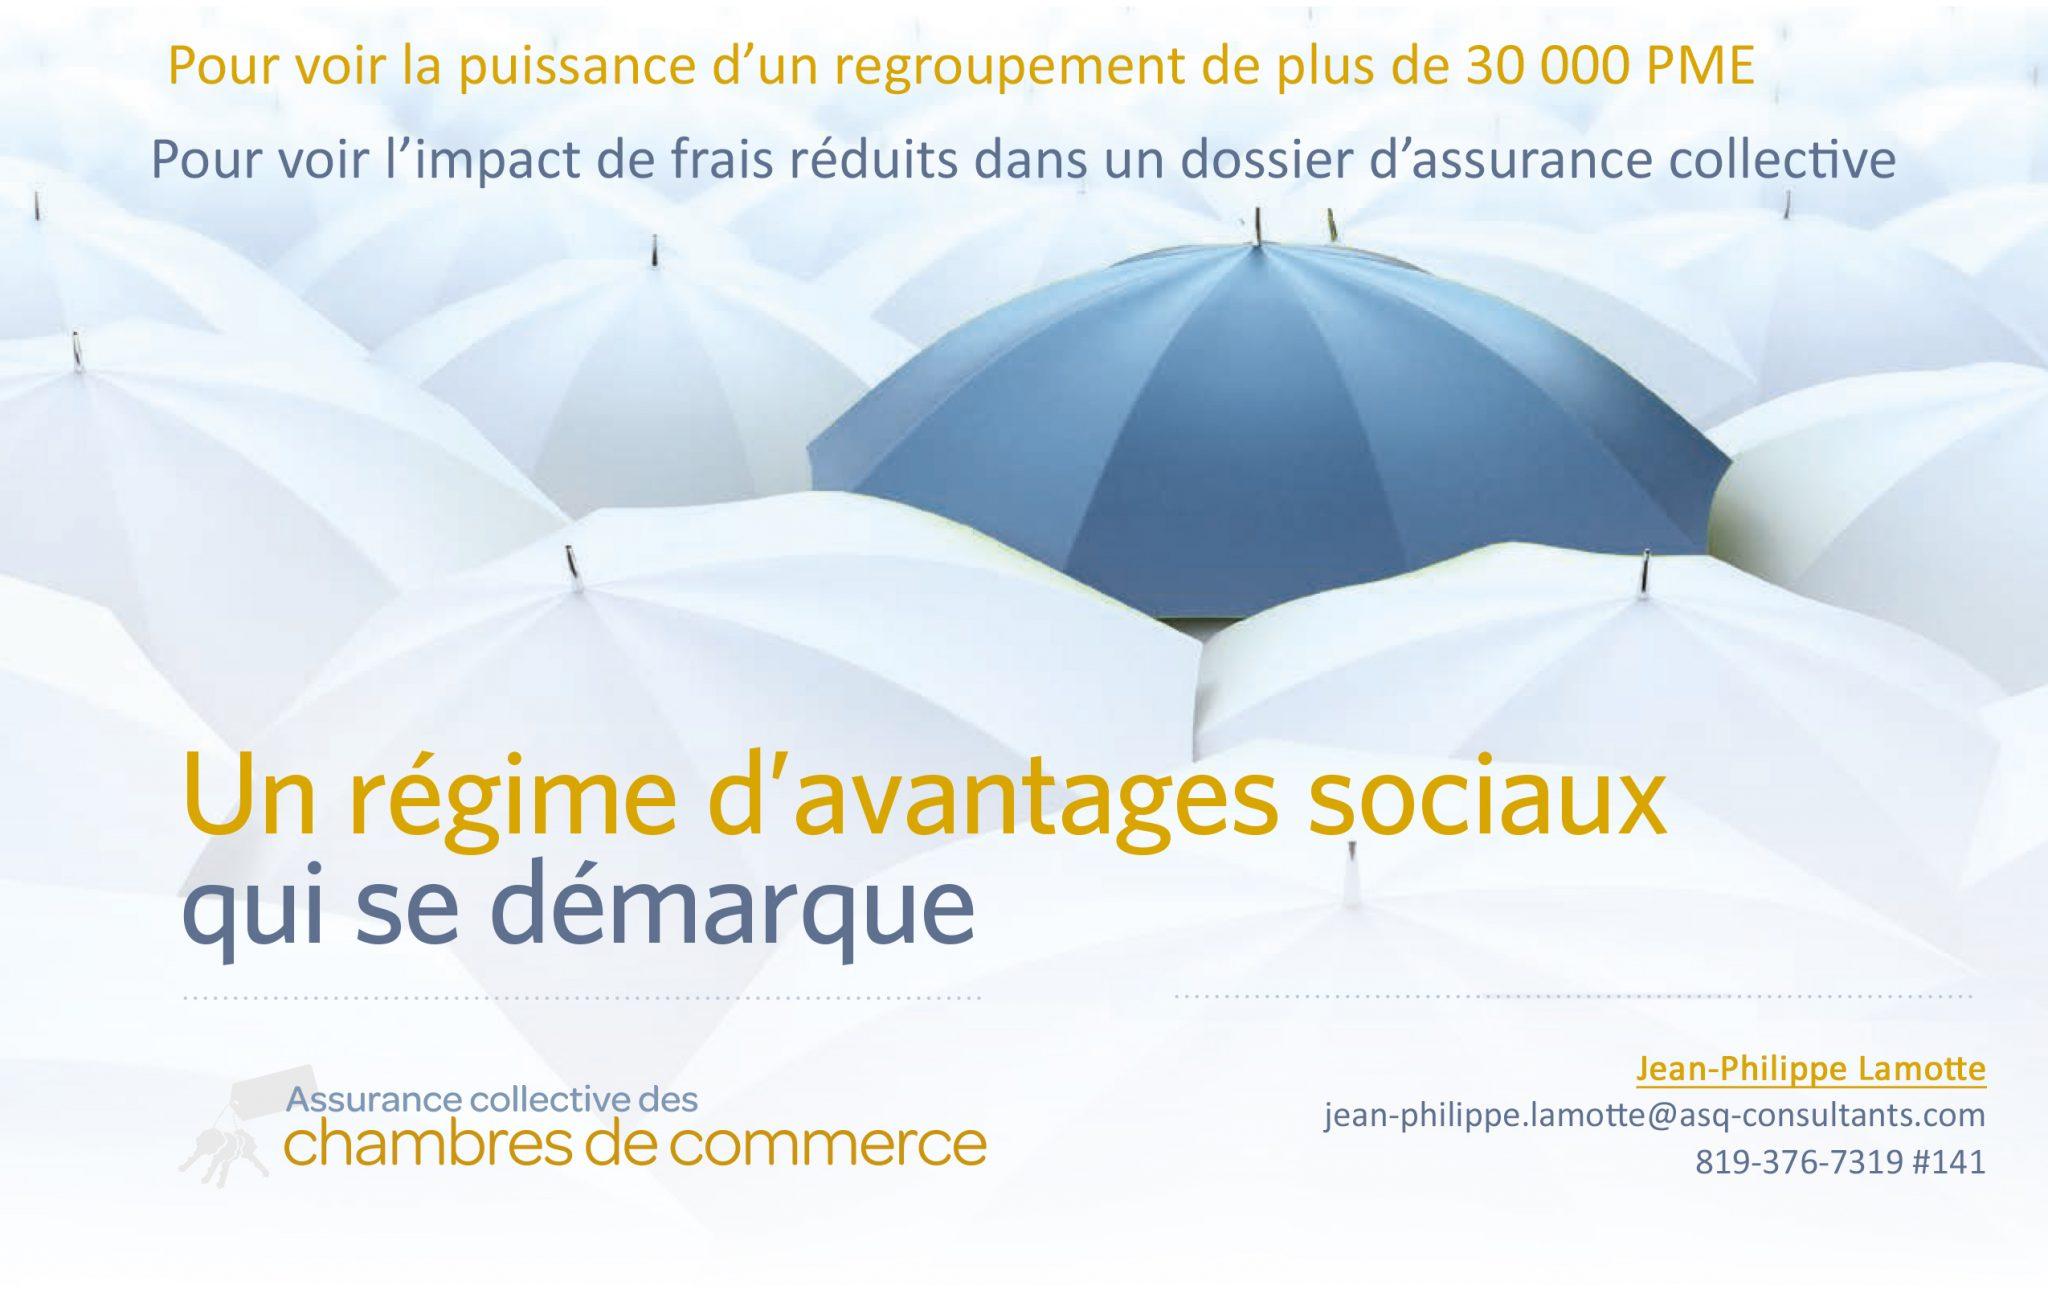 Publicité_image